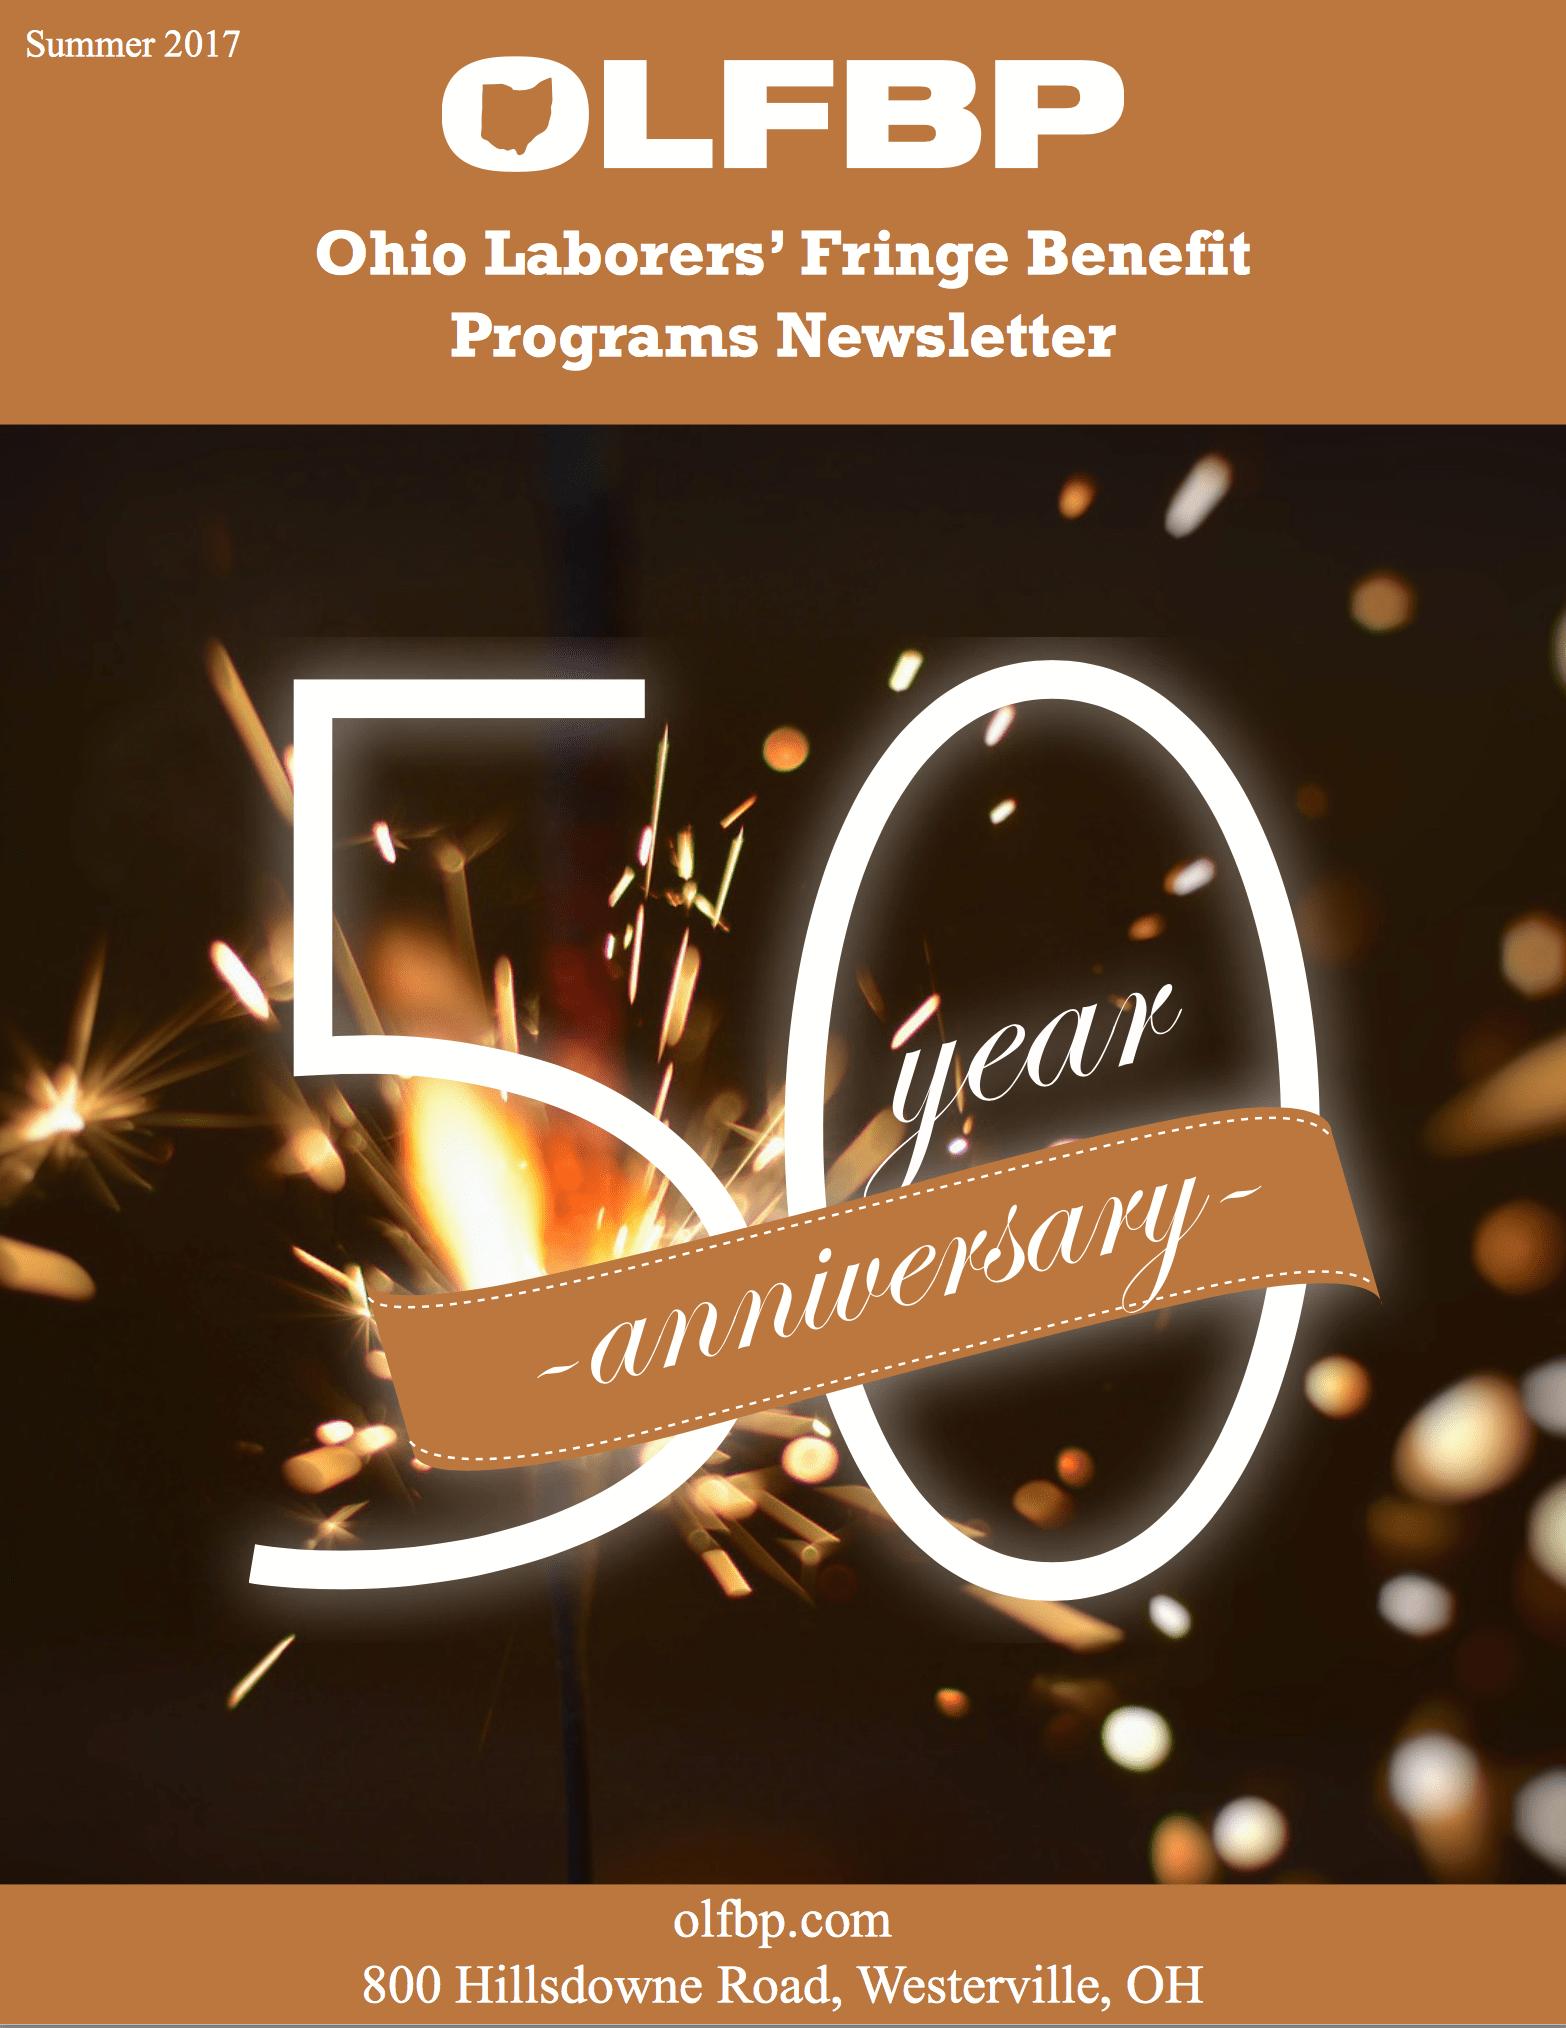 Summer 2017 newsletter cover